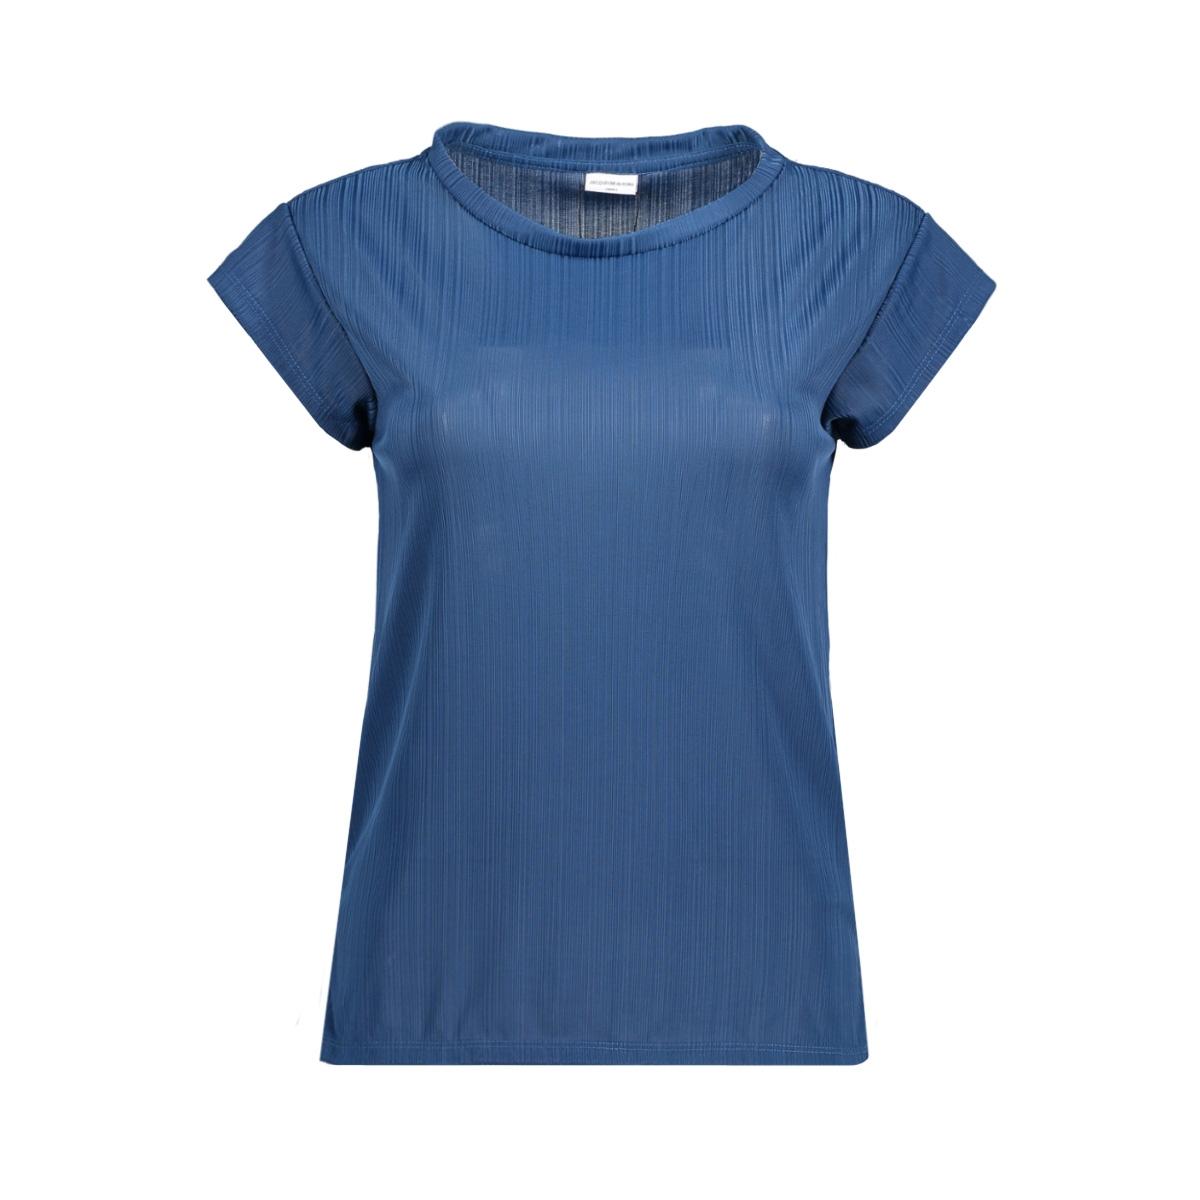 jdychili s/s top jrs rpt1 15138635 jacqueline de yong t-shirt poseidon